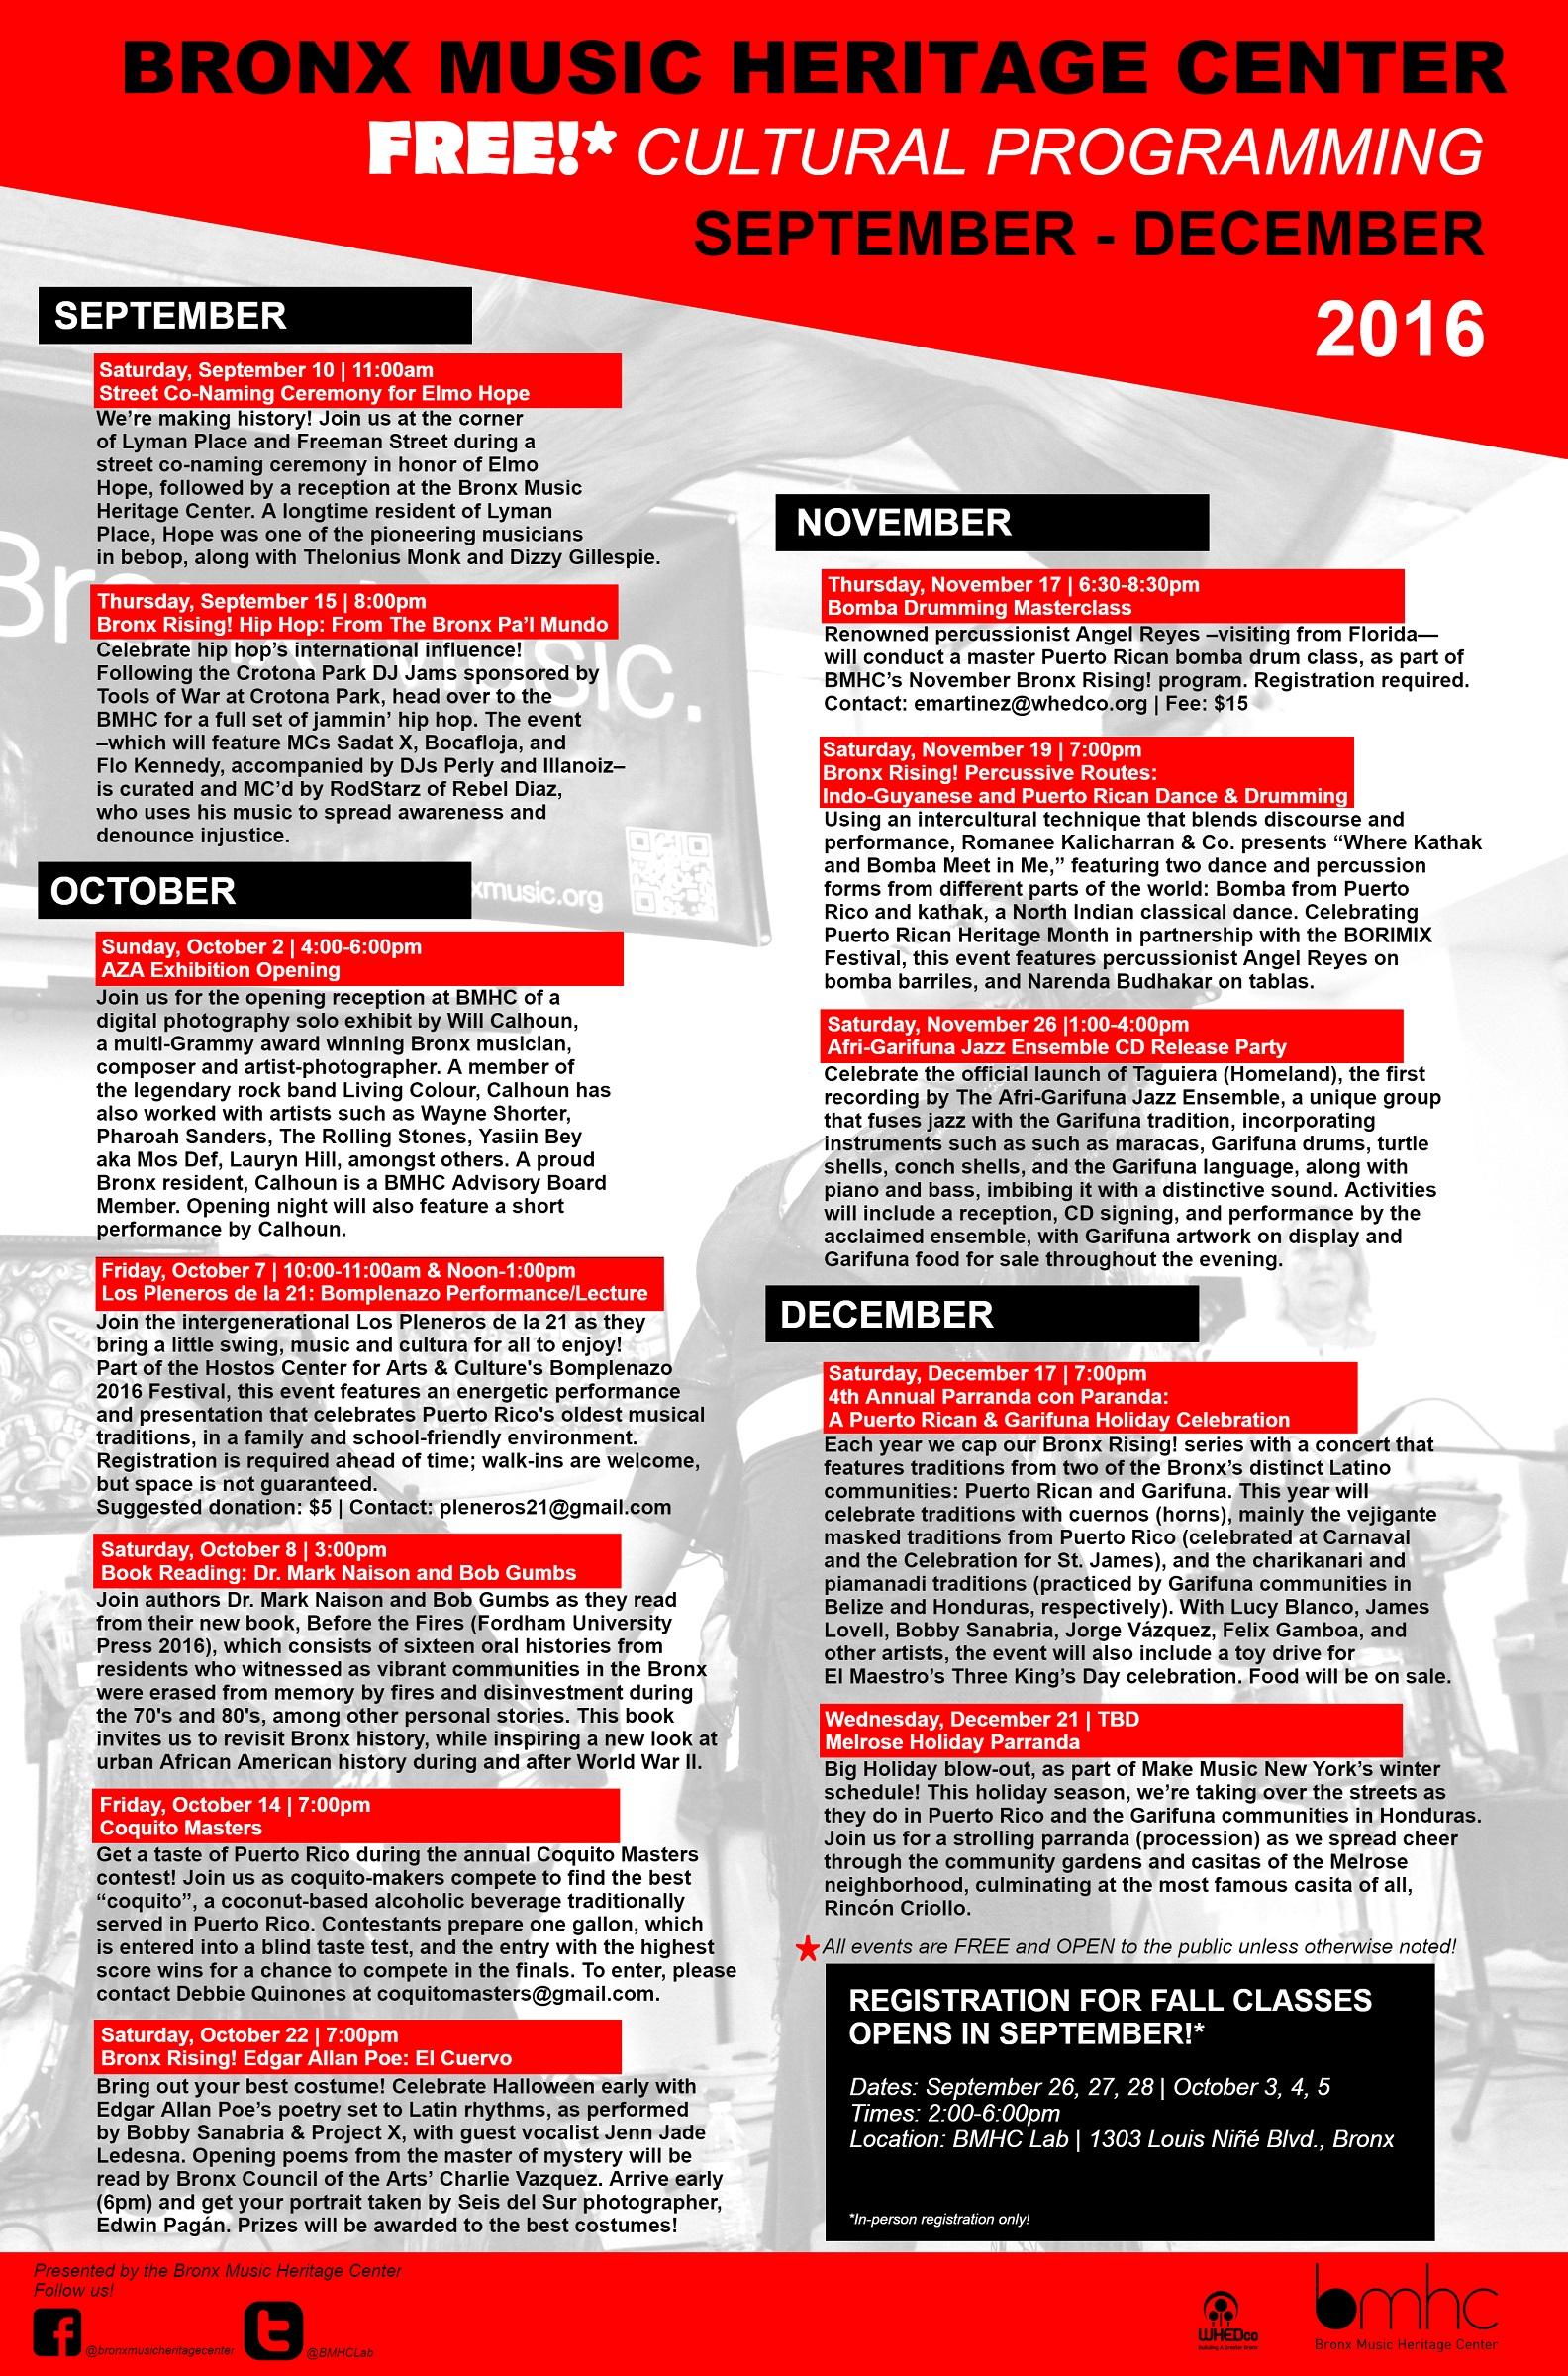 BMHC Fall Calendar_cultural programming_web